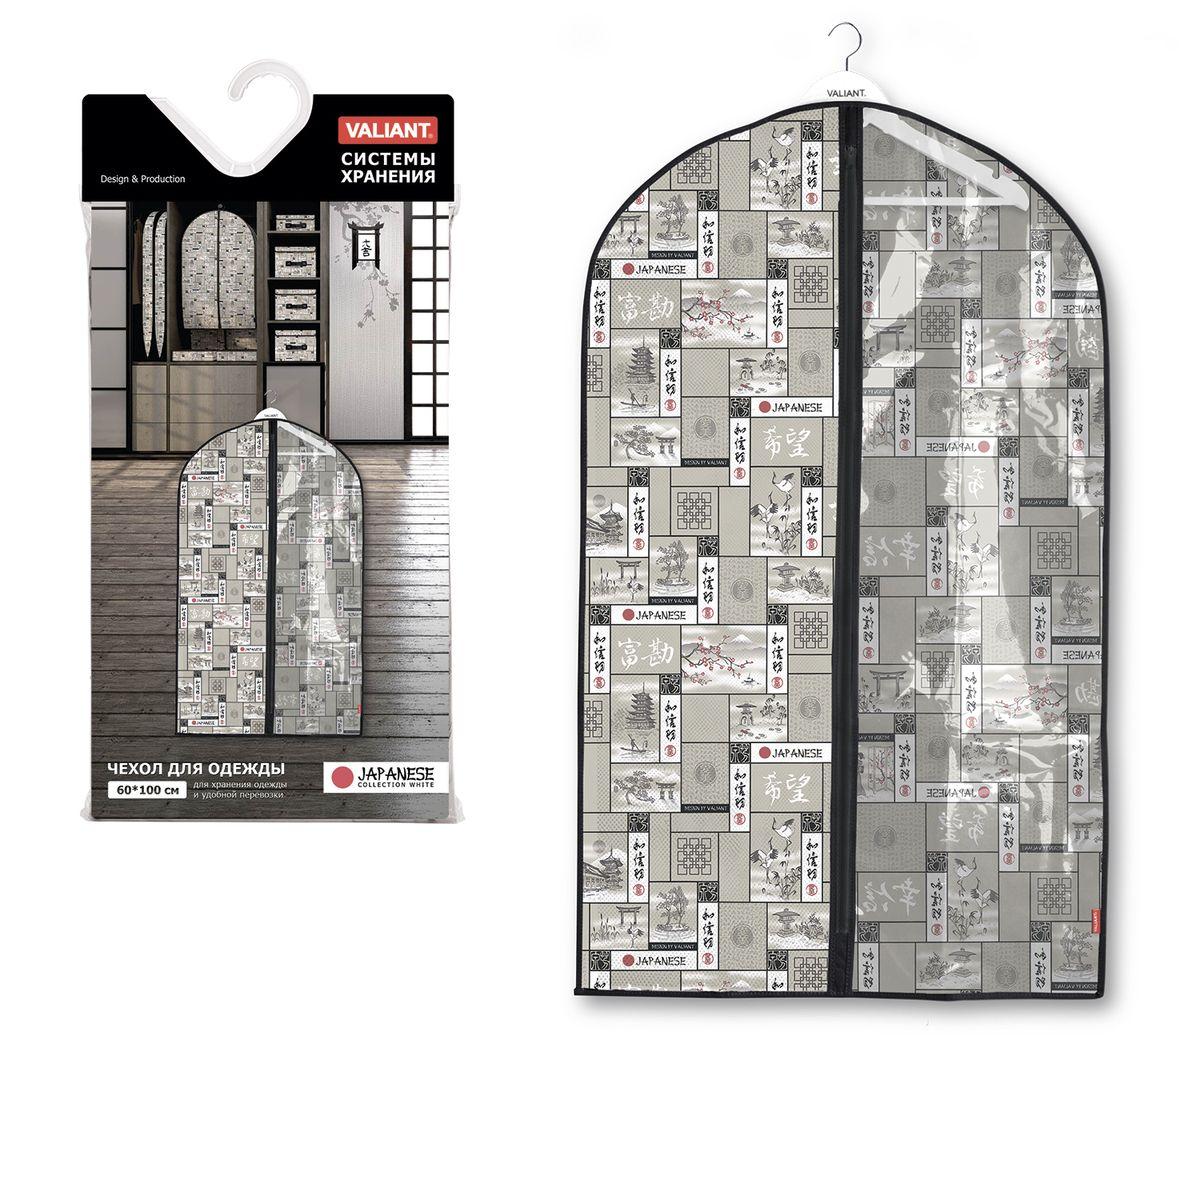 Чехол для одежды Valiant Japanese Black, с прозрачной вставкой, 60 х 100 х 10 смJB-CW-100Чехол для одежды Valiant Japanese Black изготовлен из высококачественного нетканого материала, который обеспечивает естественную вентиляцию, позволяя воздуху проникать внутрь, но не пропускает пыль. Чехол очень удобен в использовании. Специальная прозрачная вставка позволяет видеть содержимое внутри чехла, не открывая его. Чехол легко открывается и закрывается застежкой-молнией. Идеально подойдет для хранения одежды и удобной перевозки.